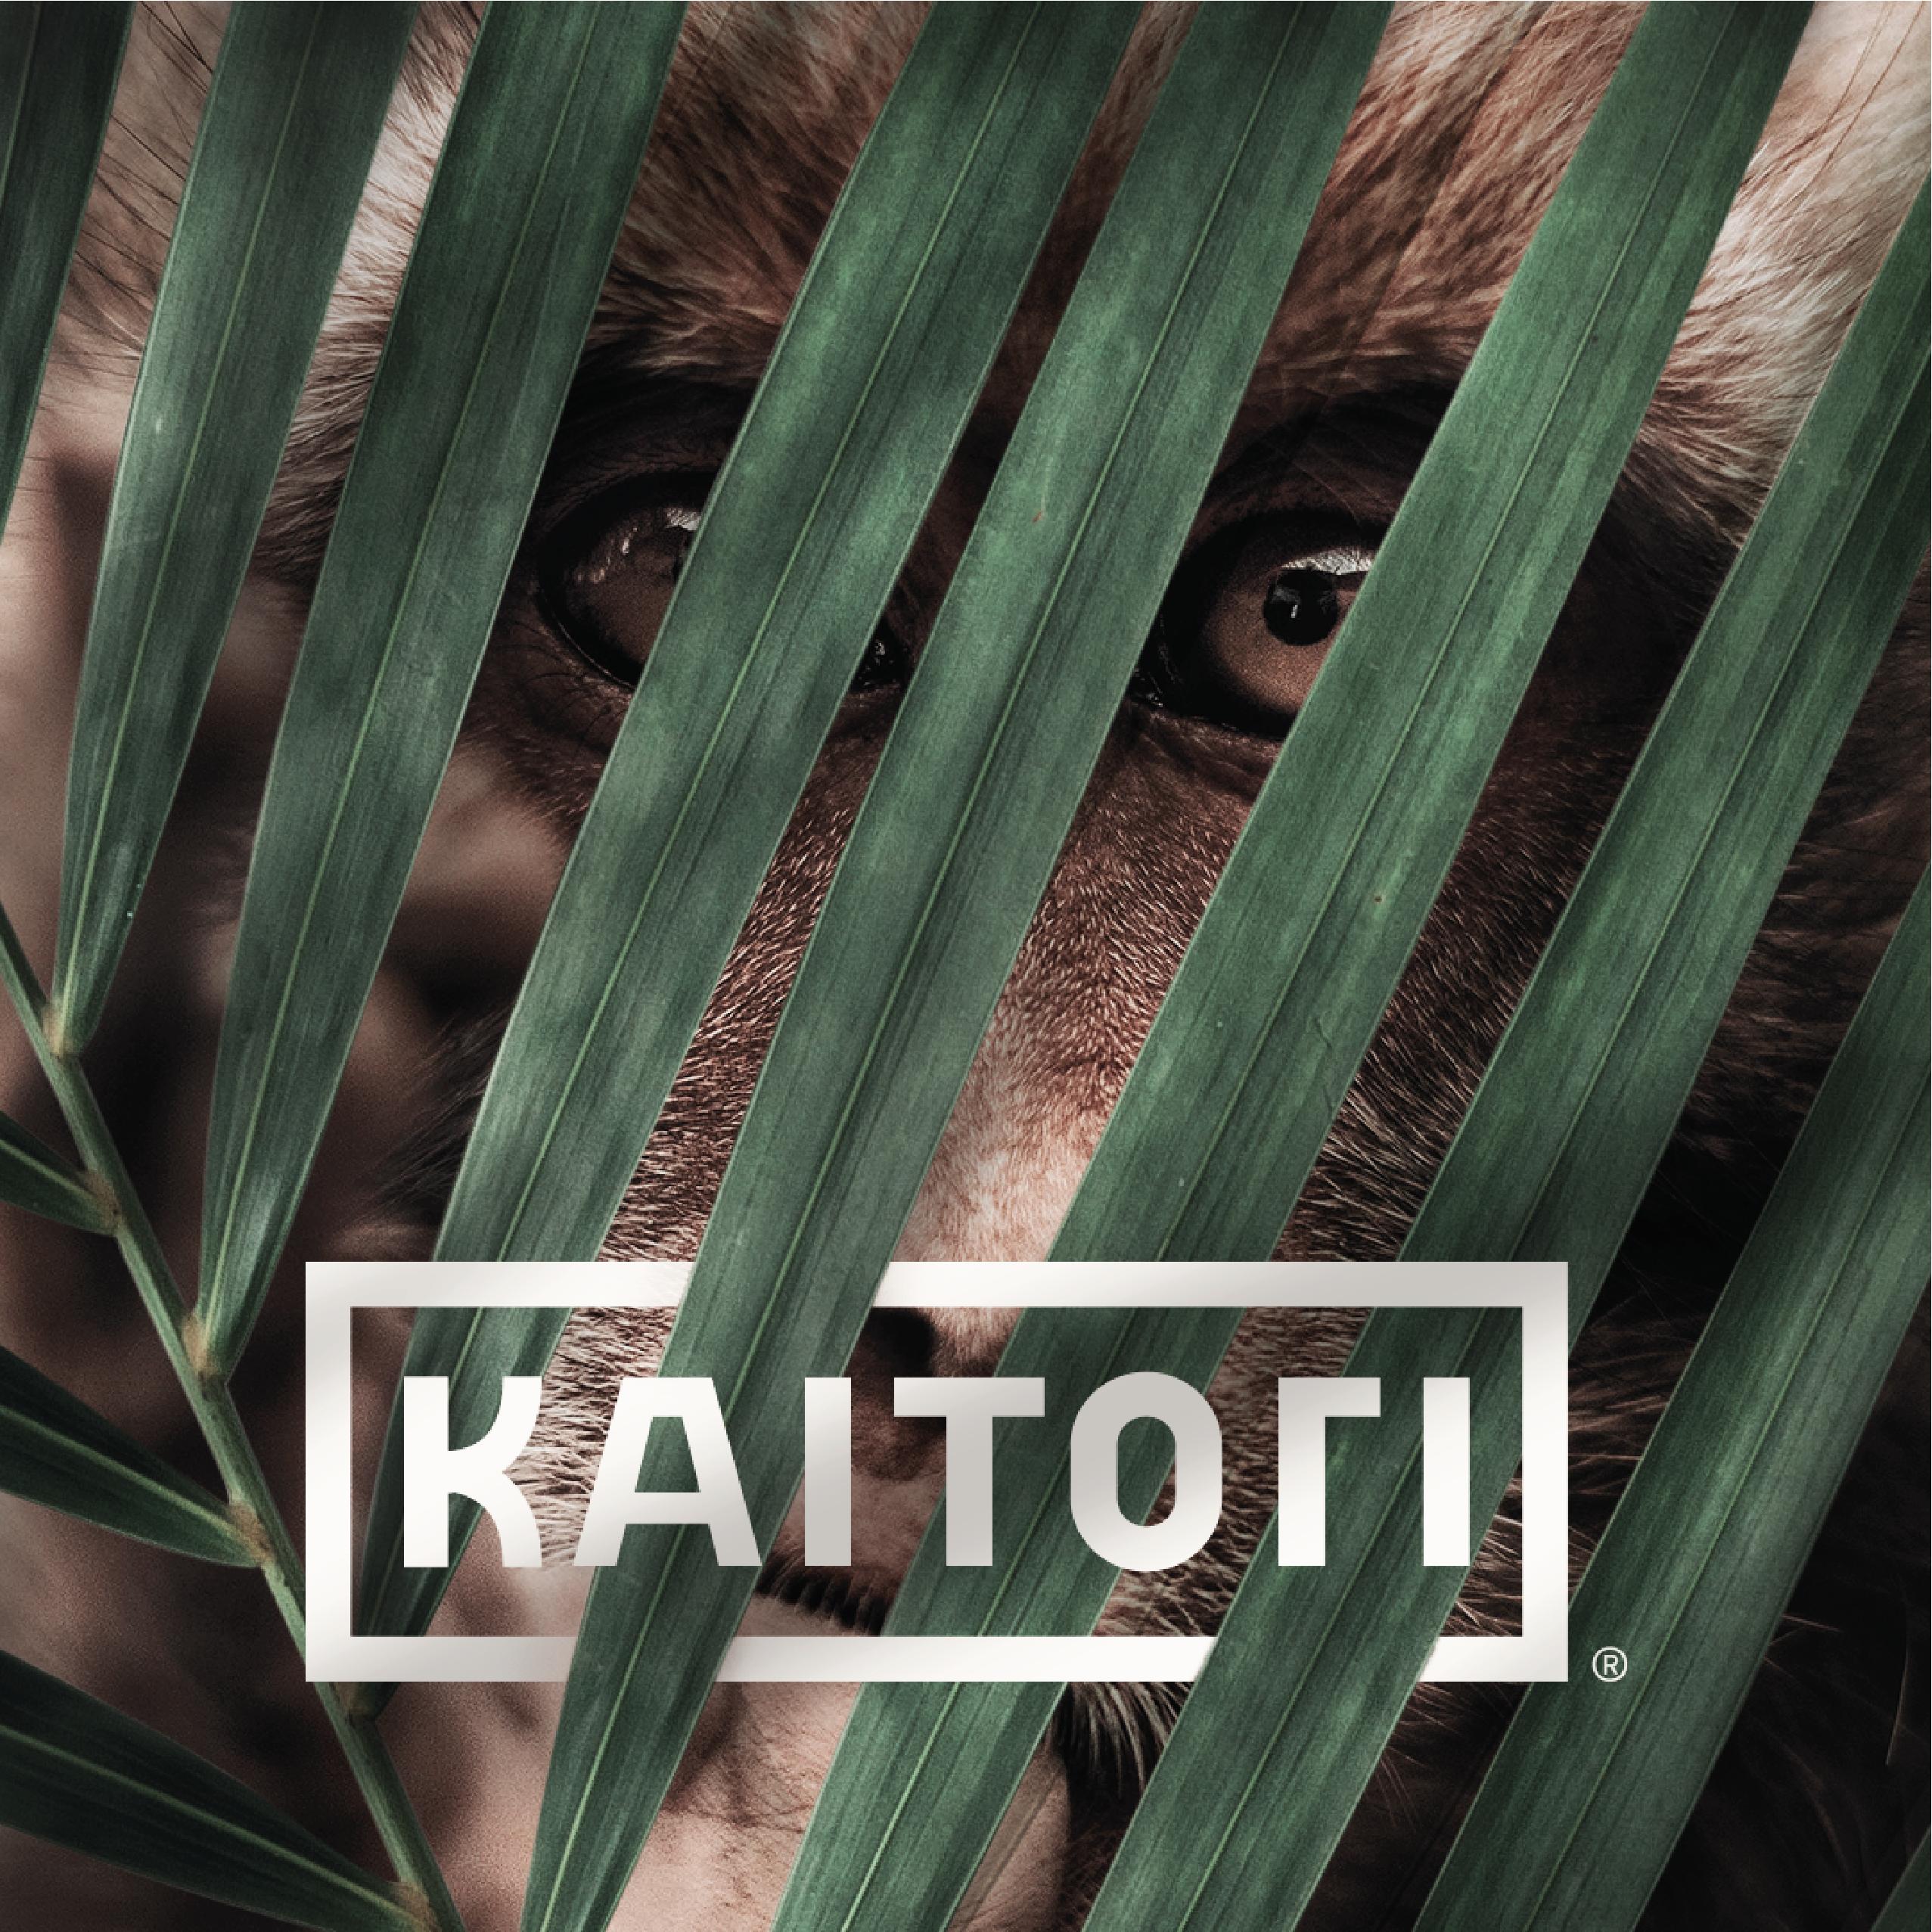 KAITORI_WEB_F3-04